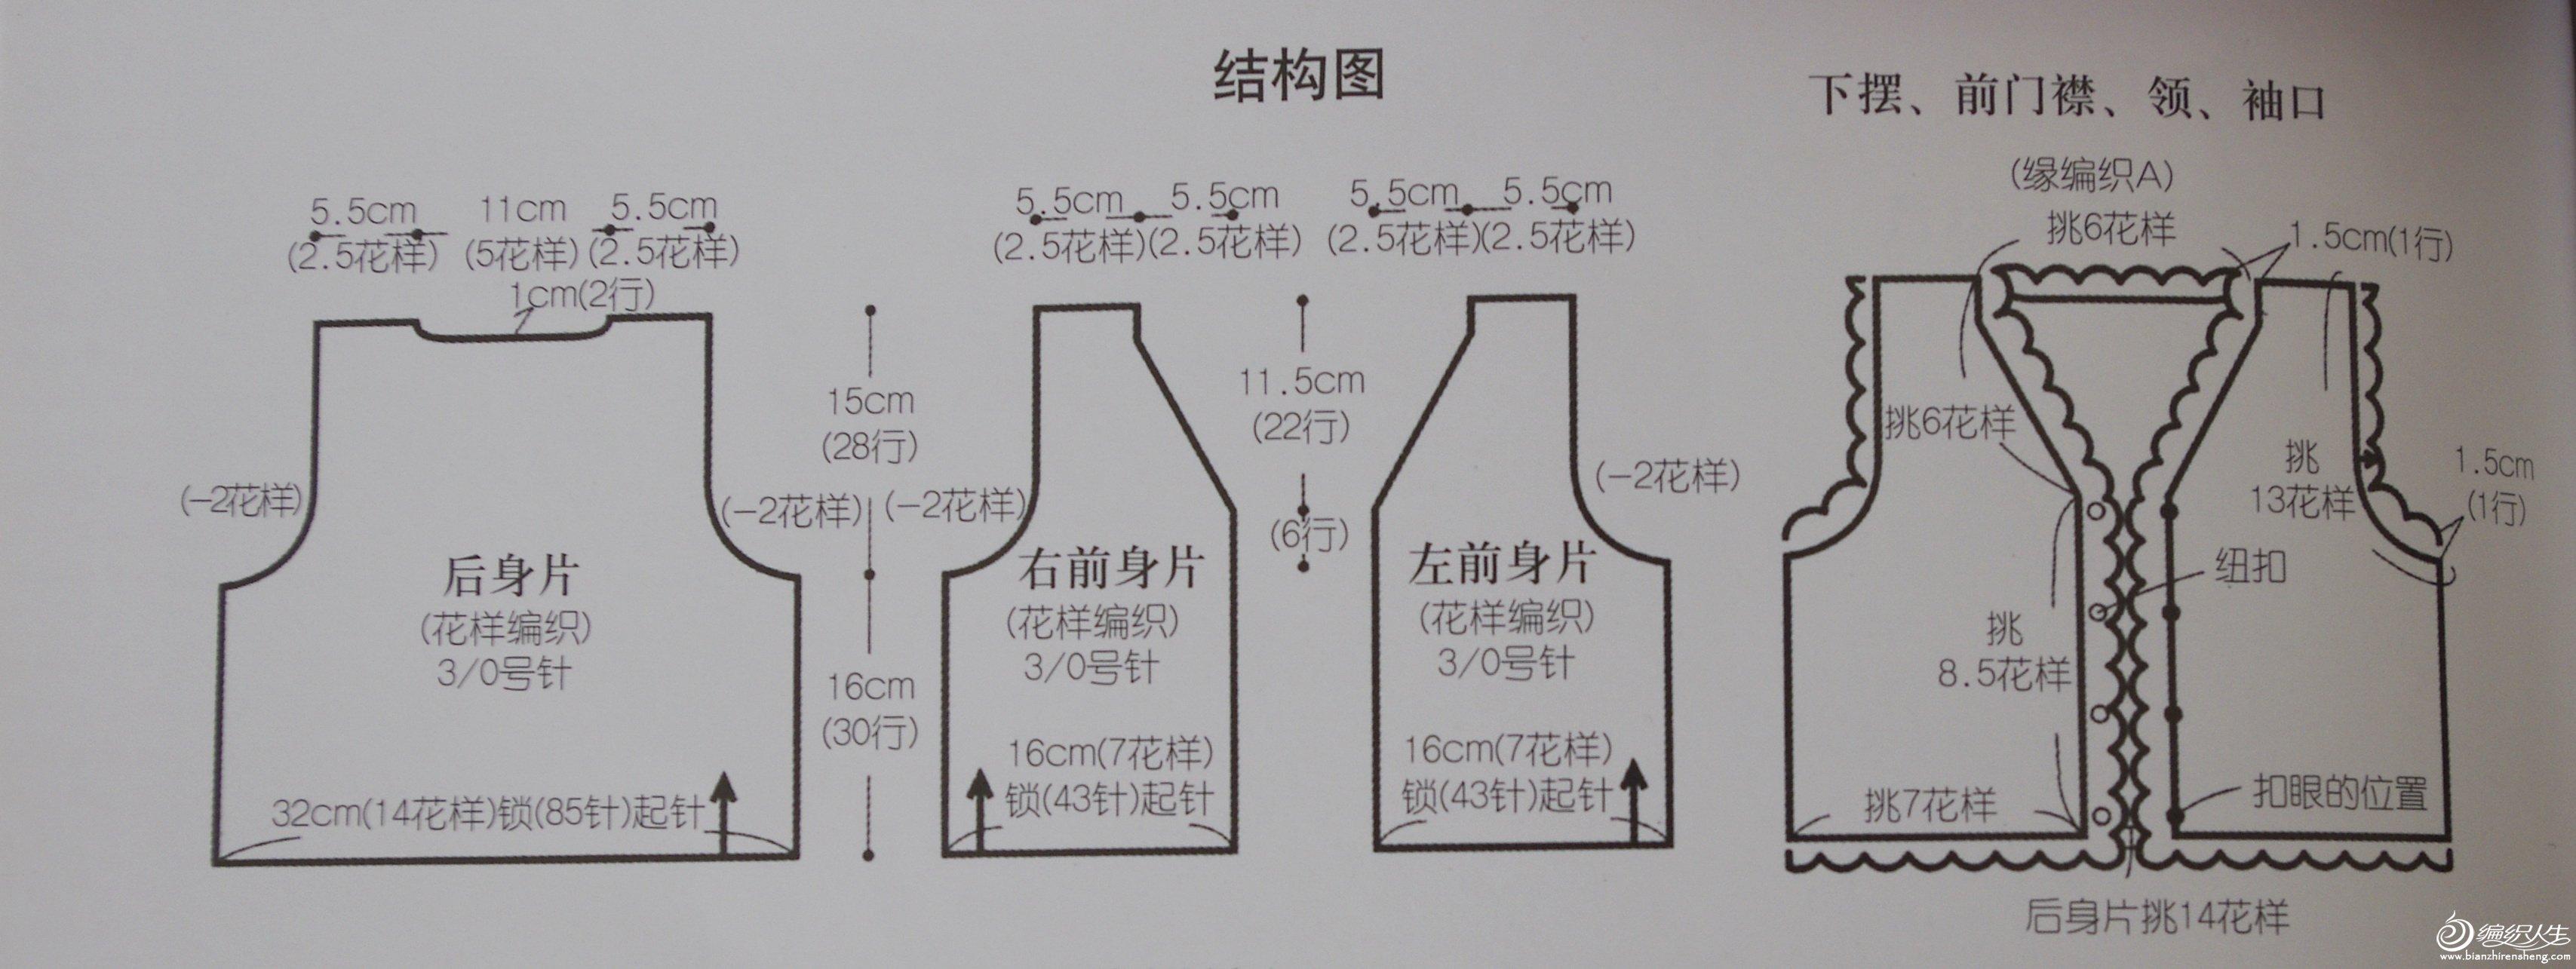 结构参考图